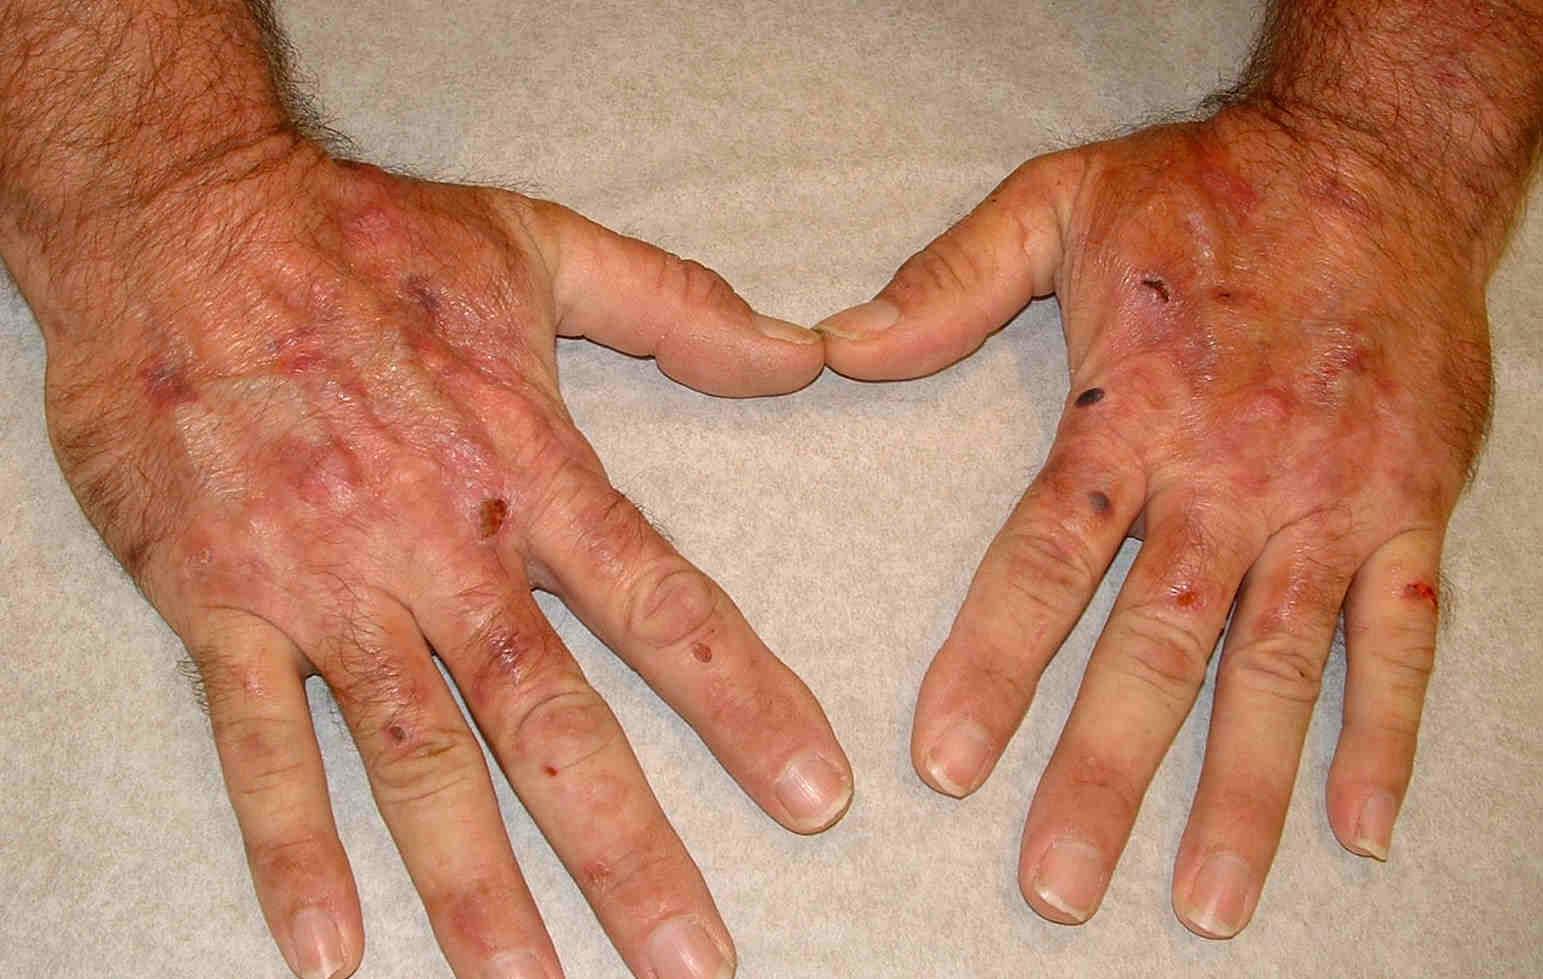 Porphyria cutanea tarda disease